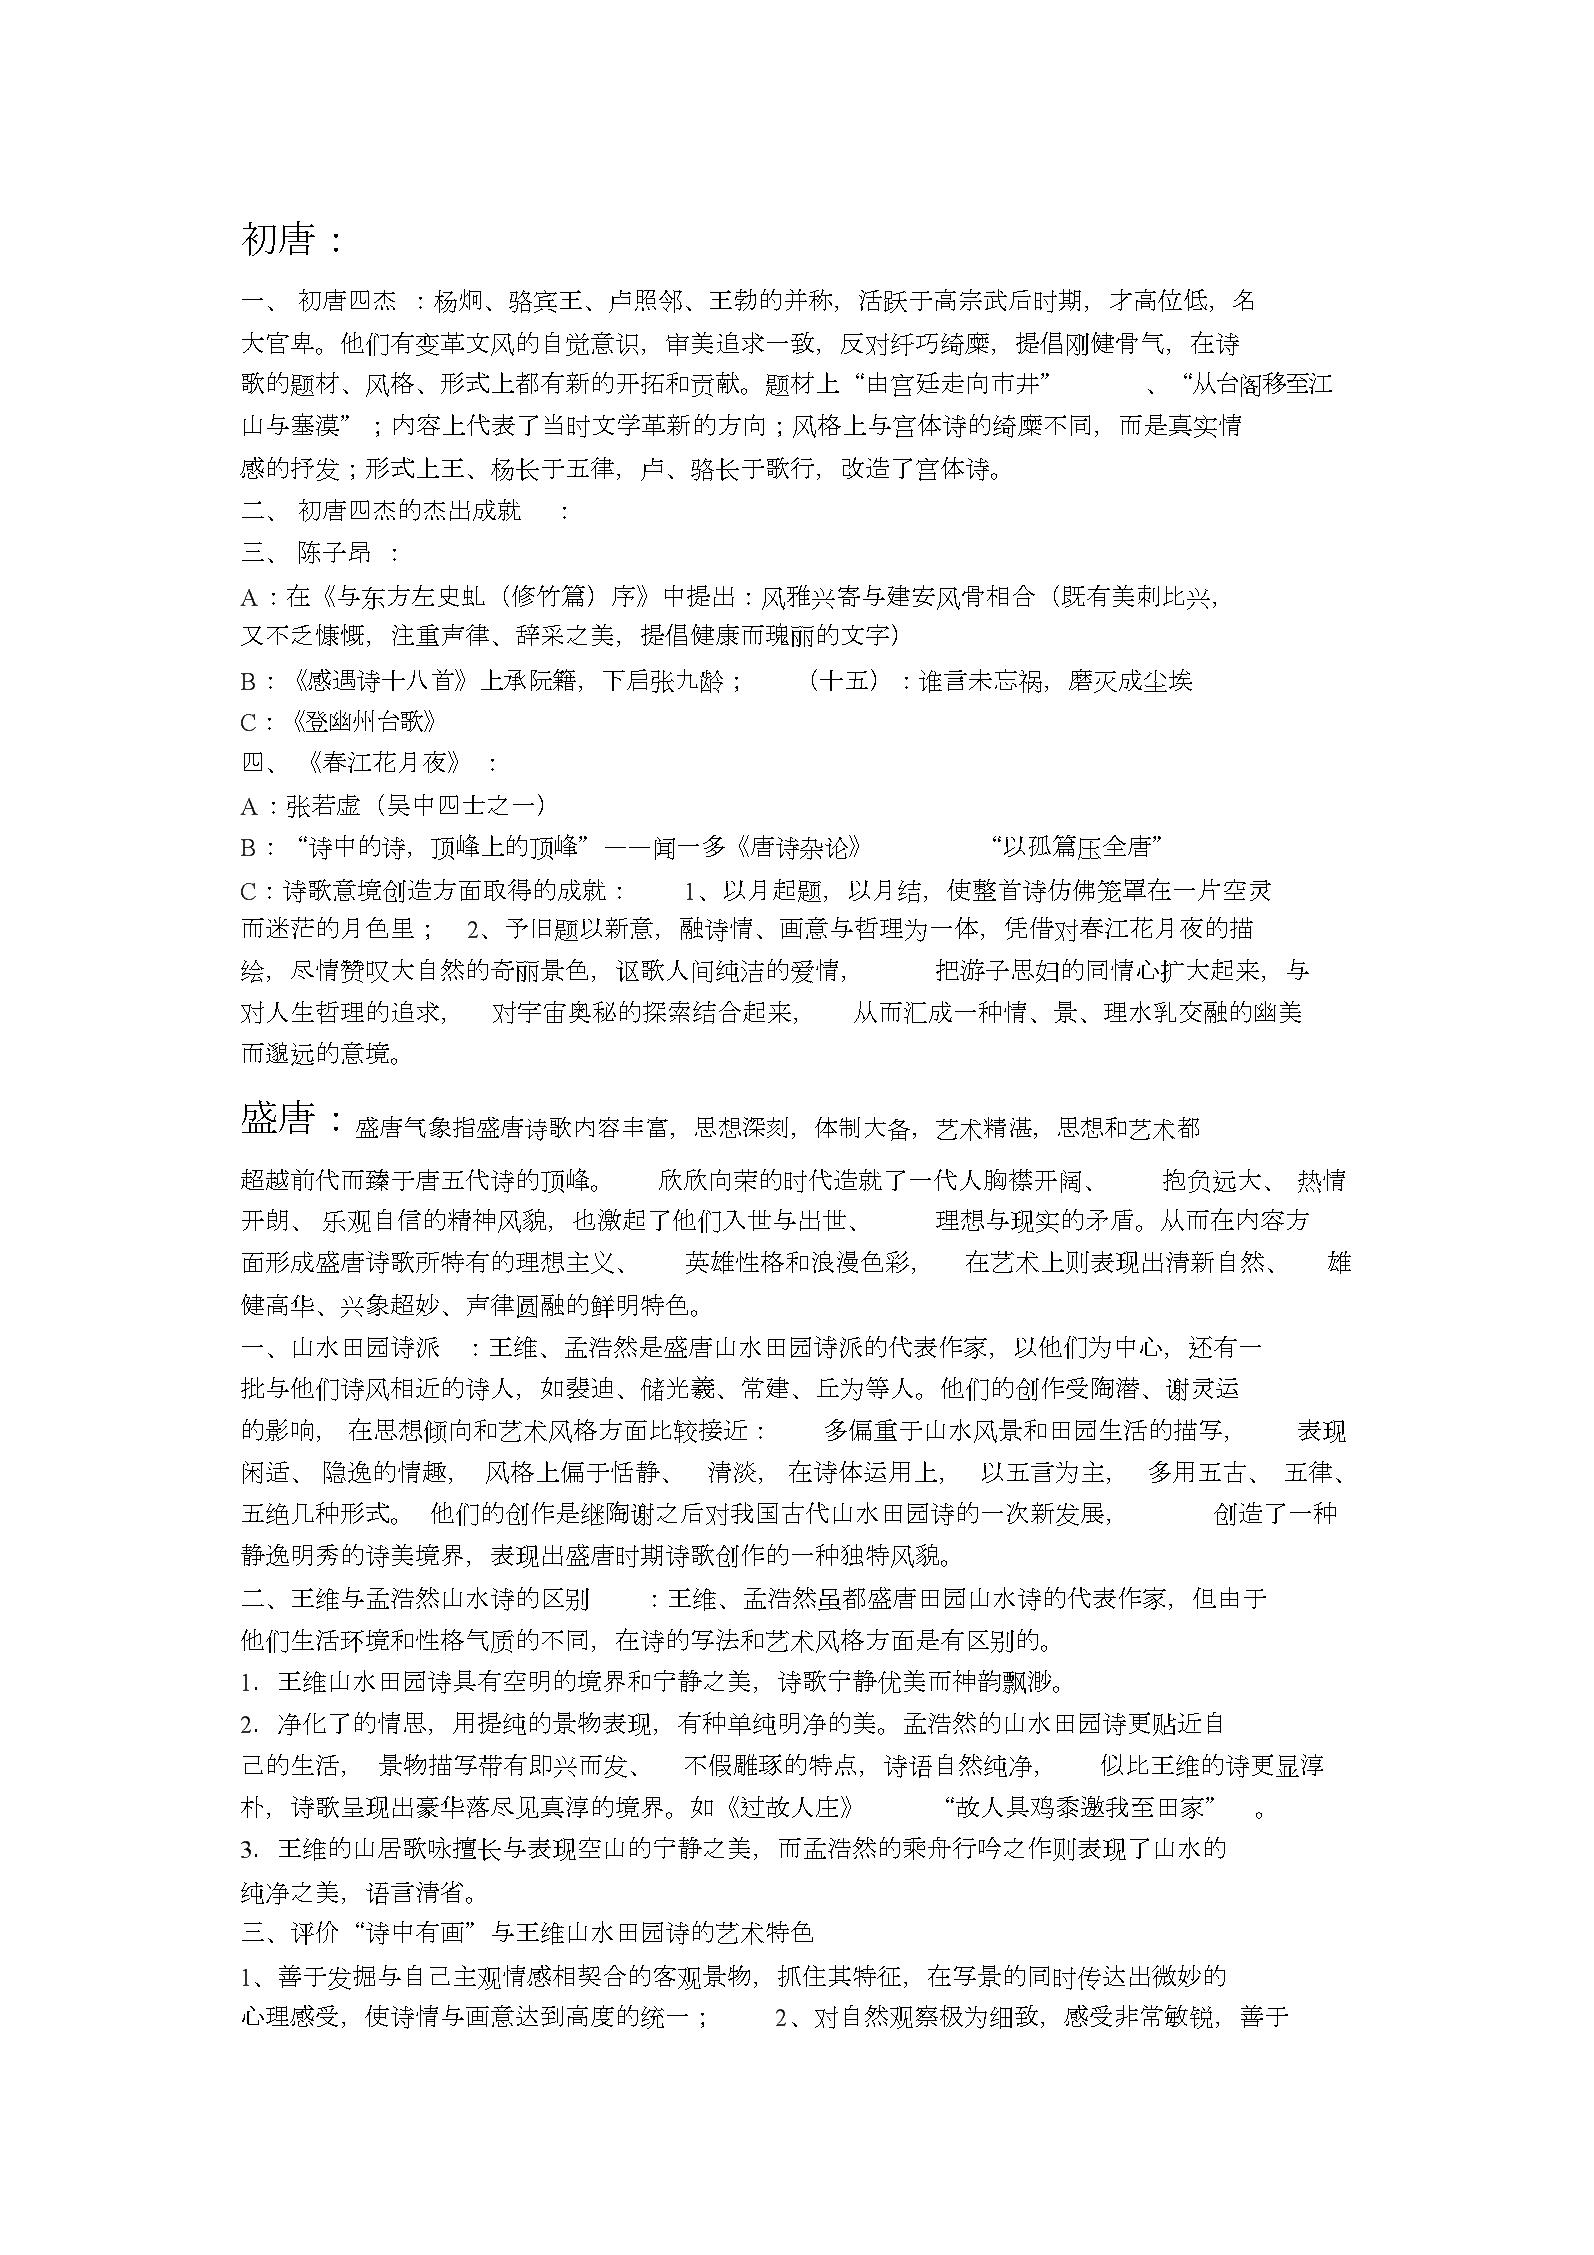 中国古代文学唐宋部分复习资料(超全地重点).doc